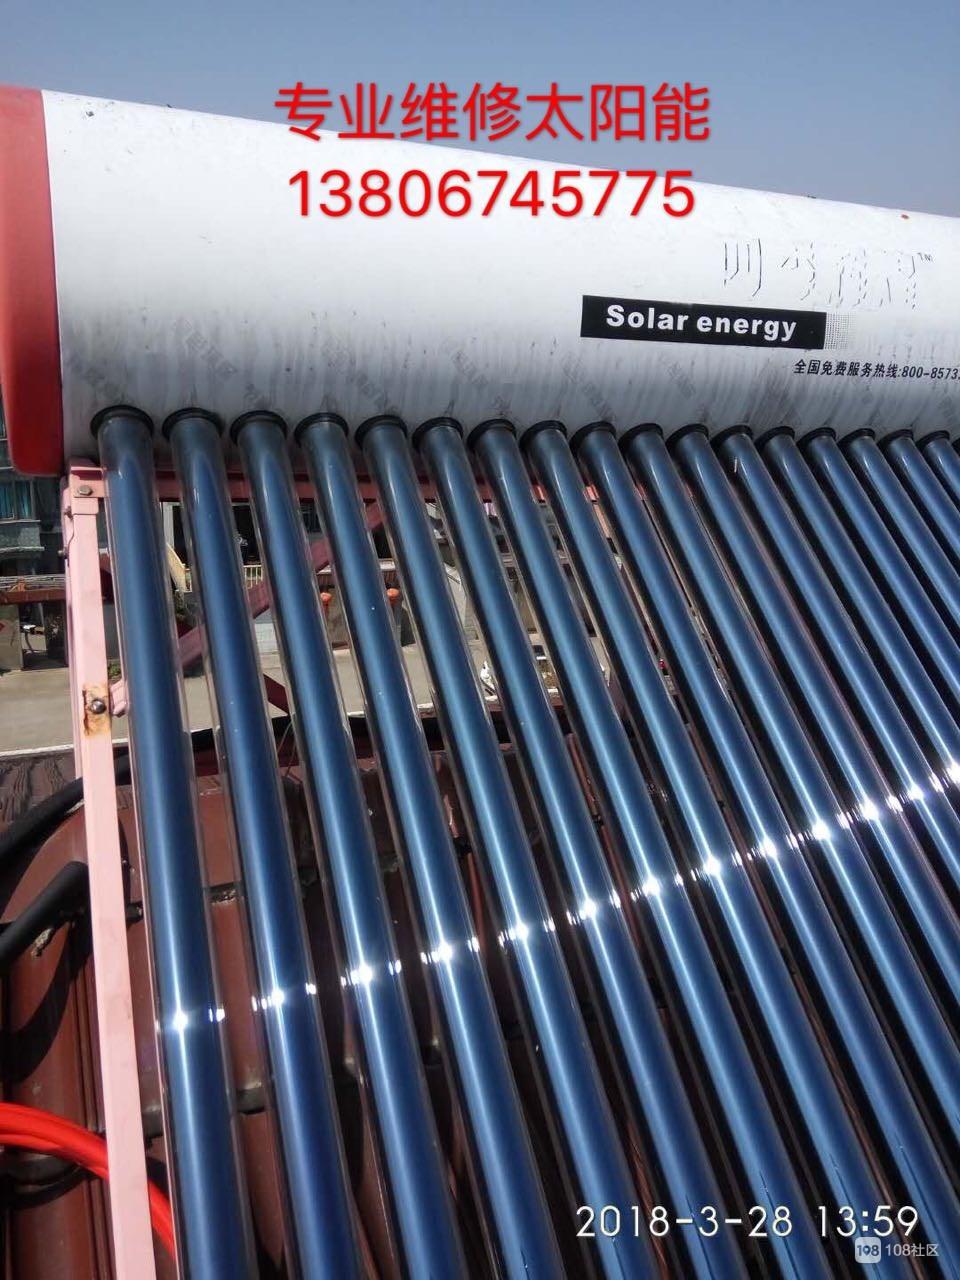 家电维仺e�9i-9�i_家电上门专业维修,空调维修加氟!